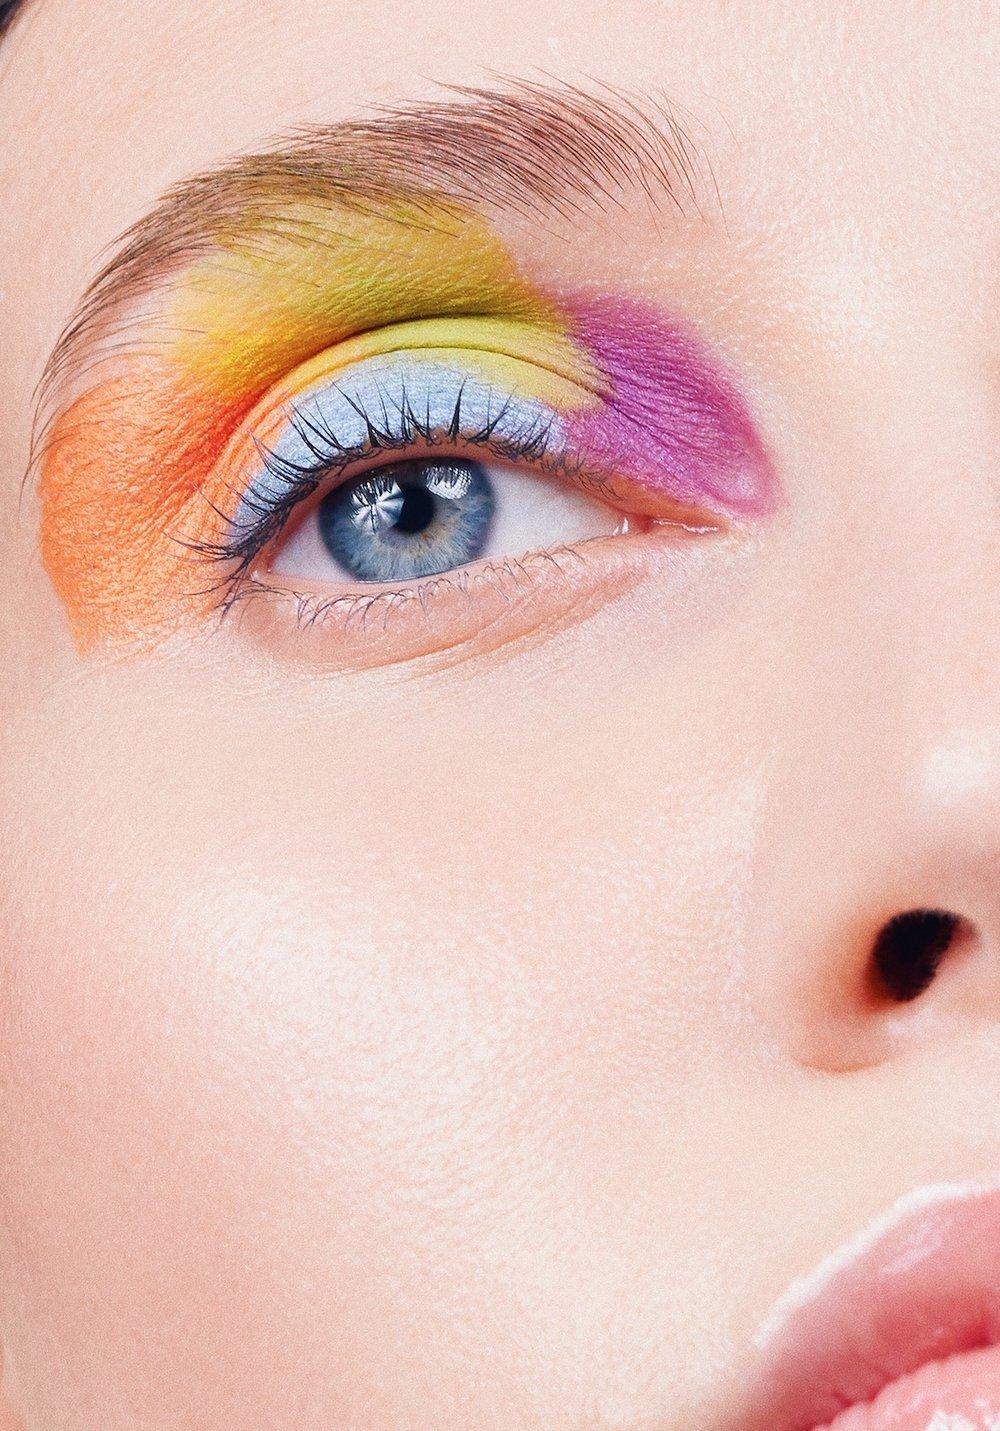 fotografo-argentino-leandro-crespi-beauty-moda-belleza-retrato-fashion-editorial.JPG